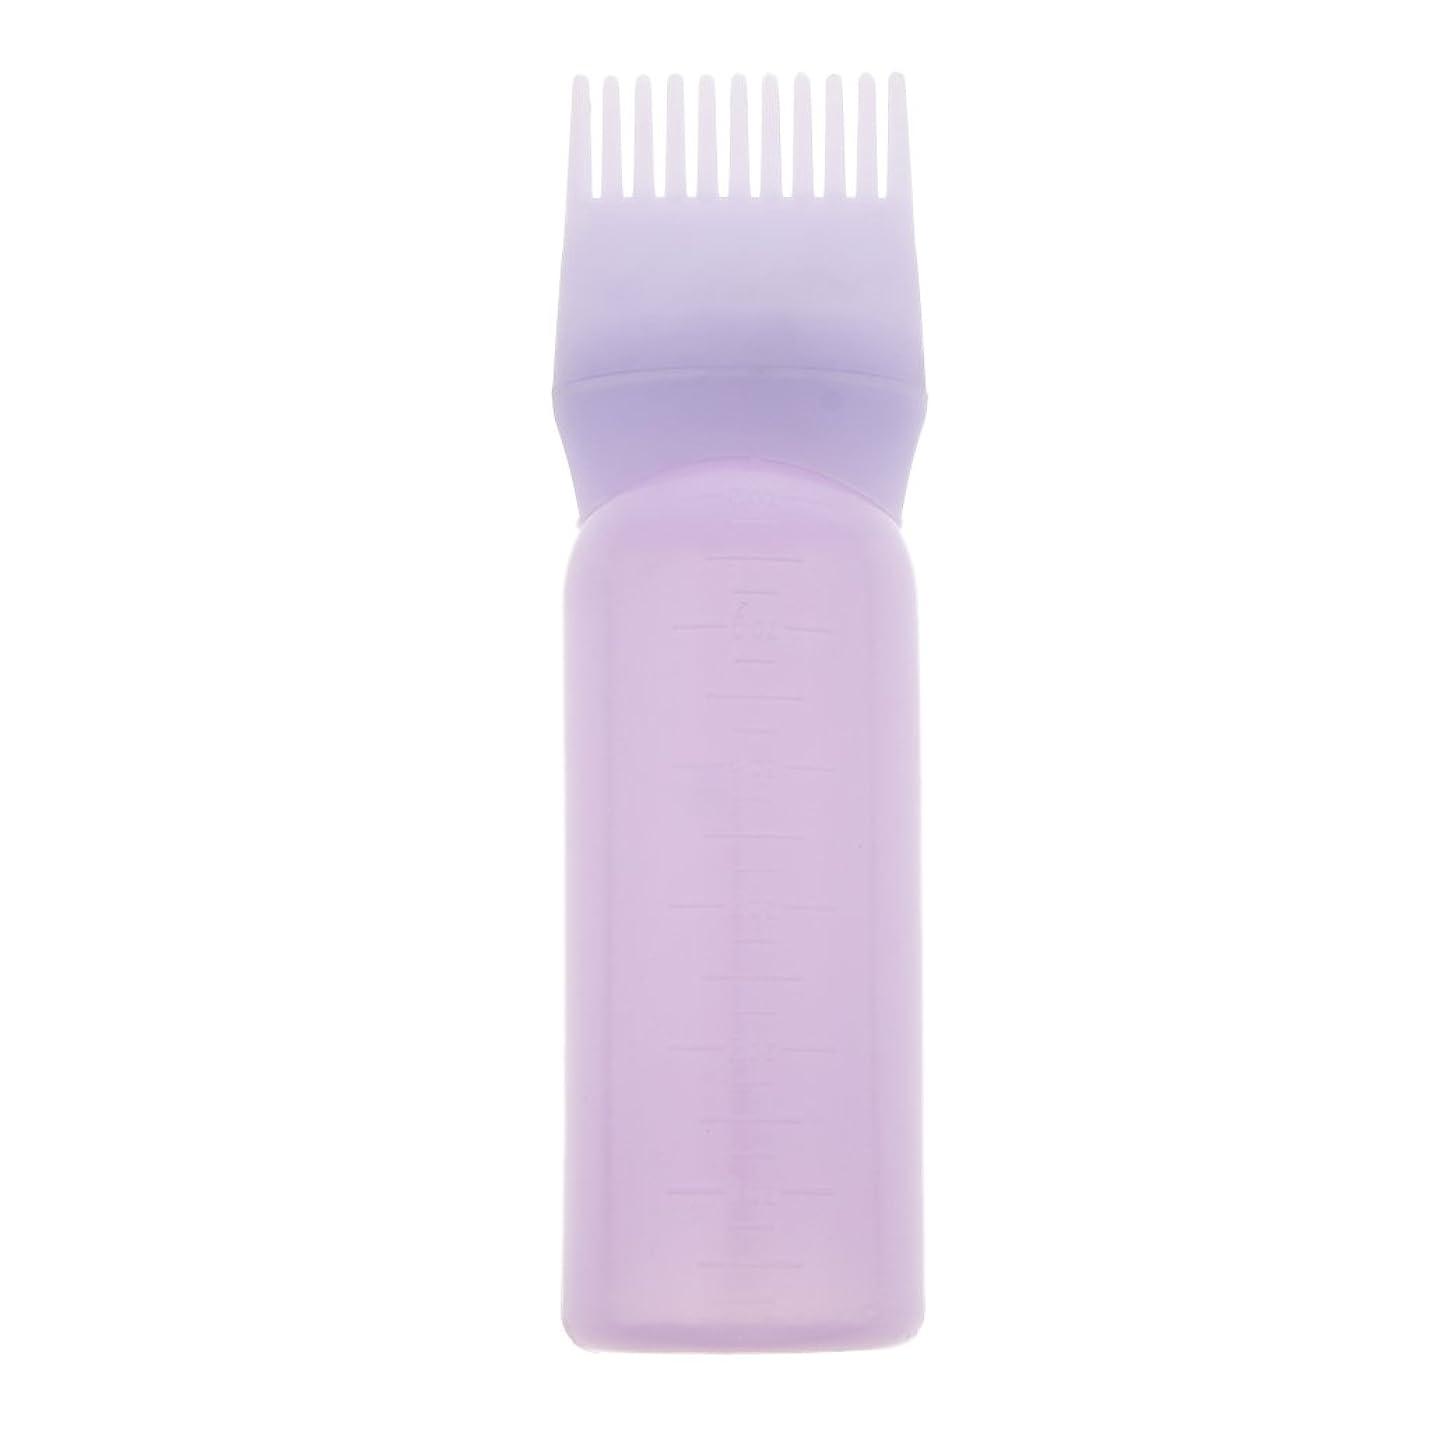 無秩序の面ではショルダールートコームヘアダイボトルアプリケーターサロンヘアカラーディスペンサーブラシ(120ml) - 紫